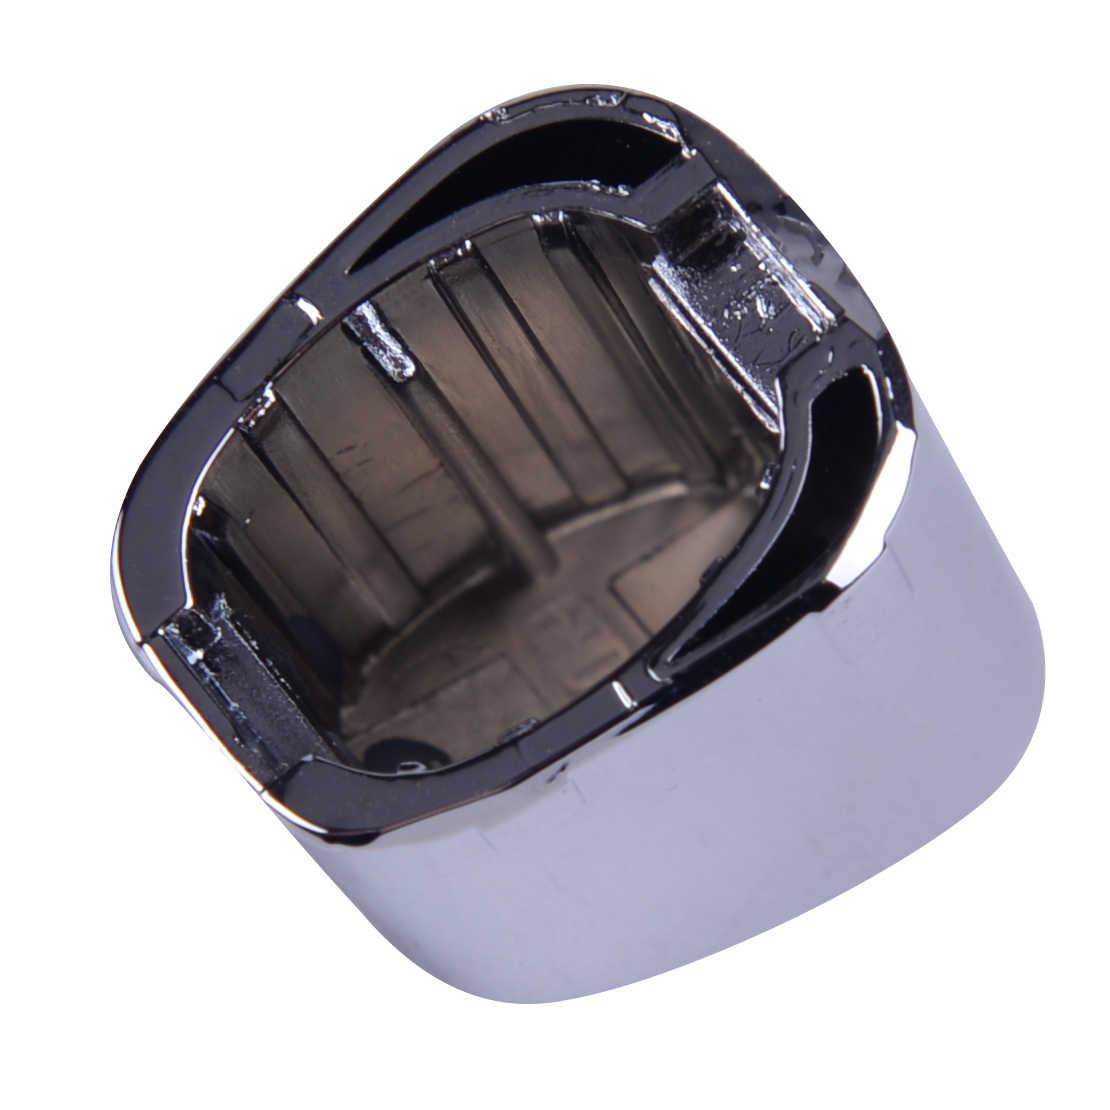 DWCX dźwignia hamulca ręcznego głowy Push pokrętło hamulec postojowy przycisk dekoracyjne pokrycie wymiana fit dla VW Polo CROSS GTI 6RD711333A